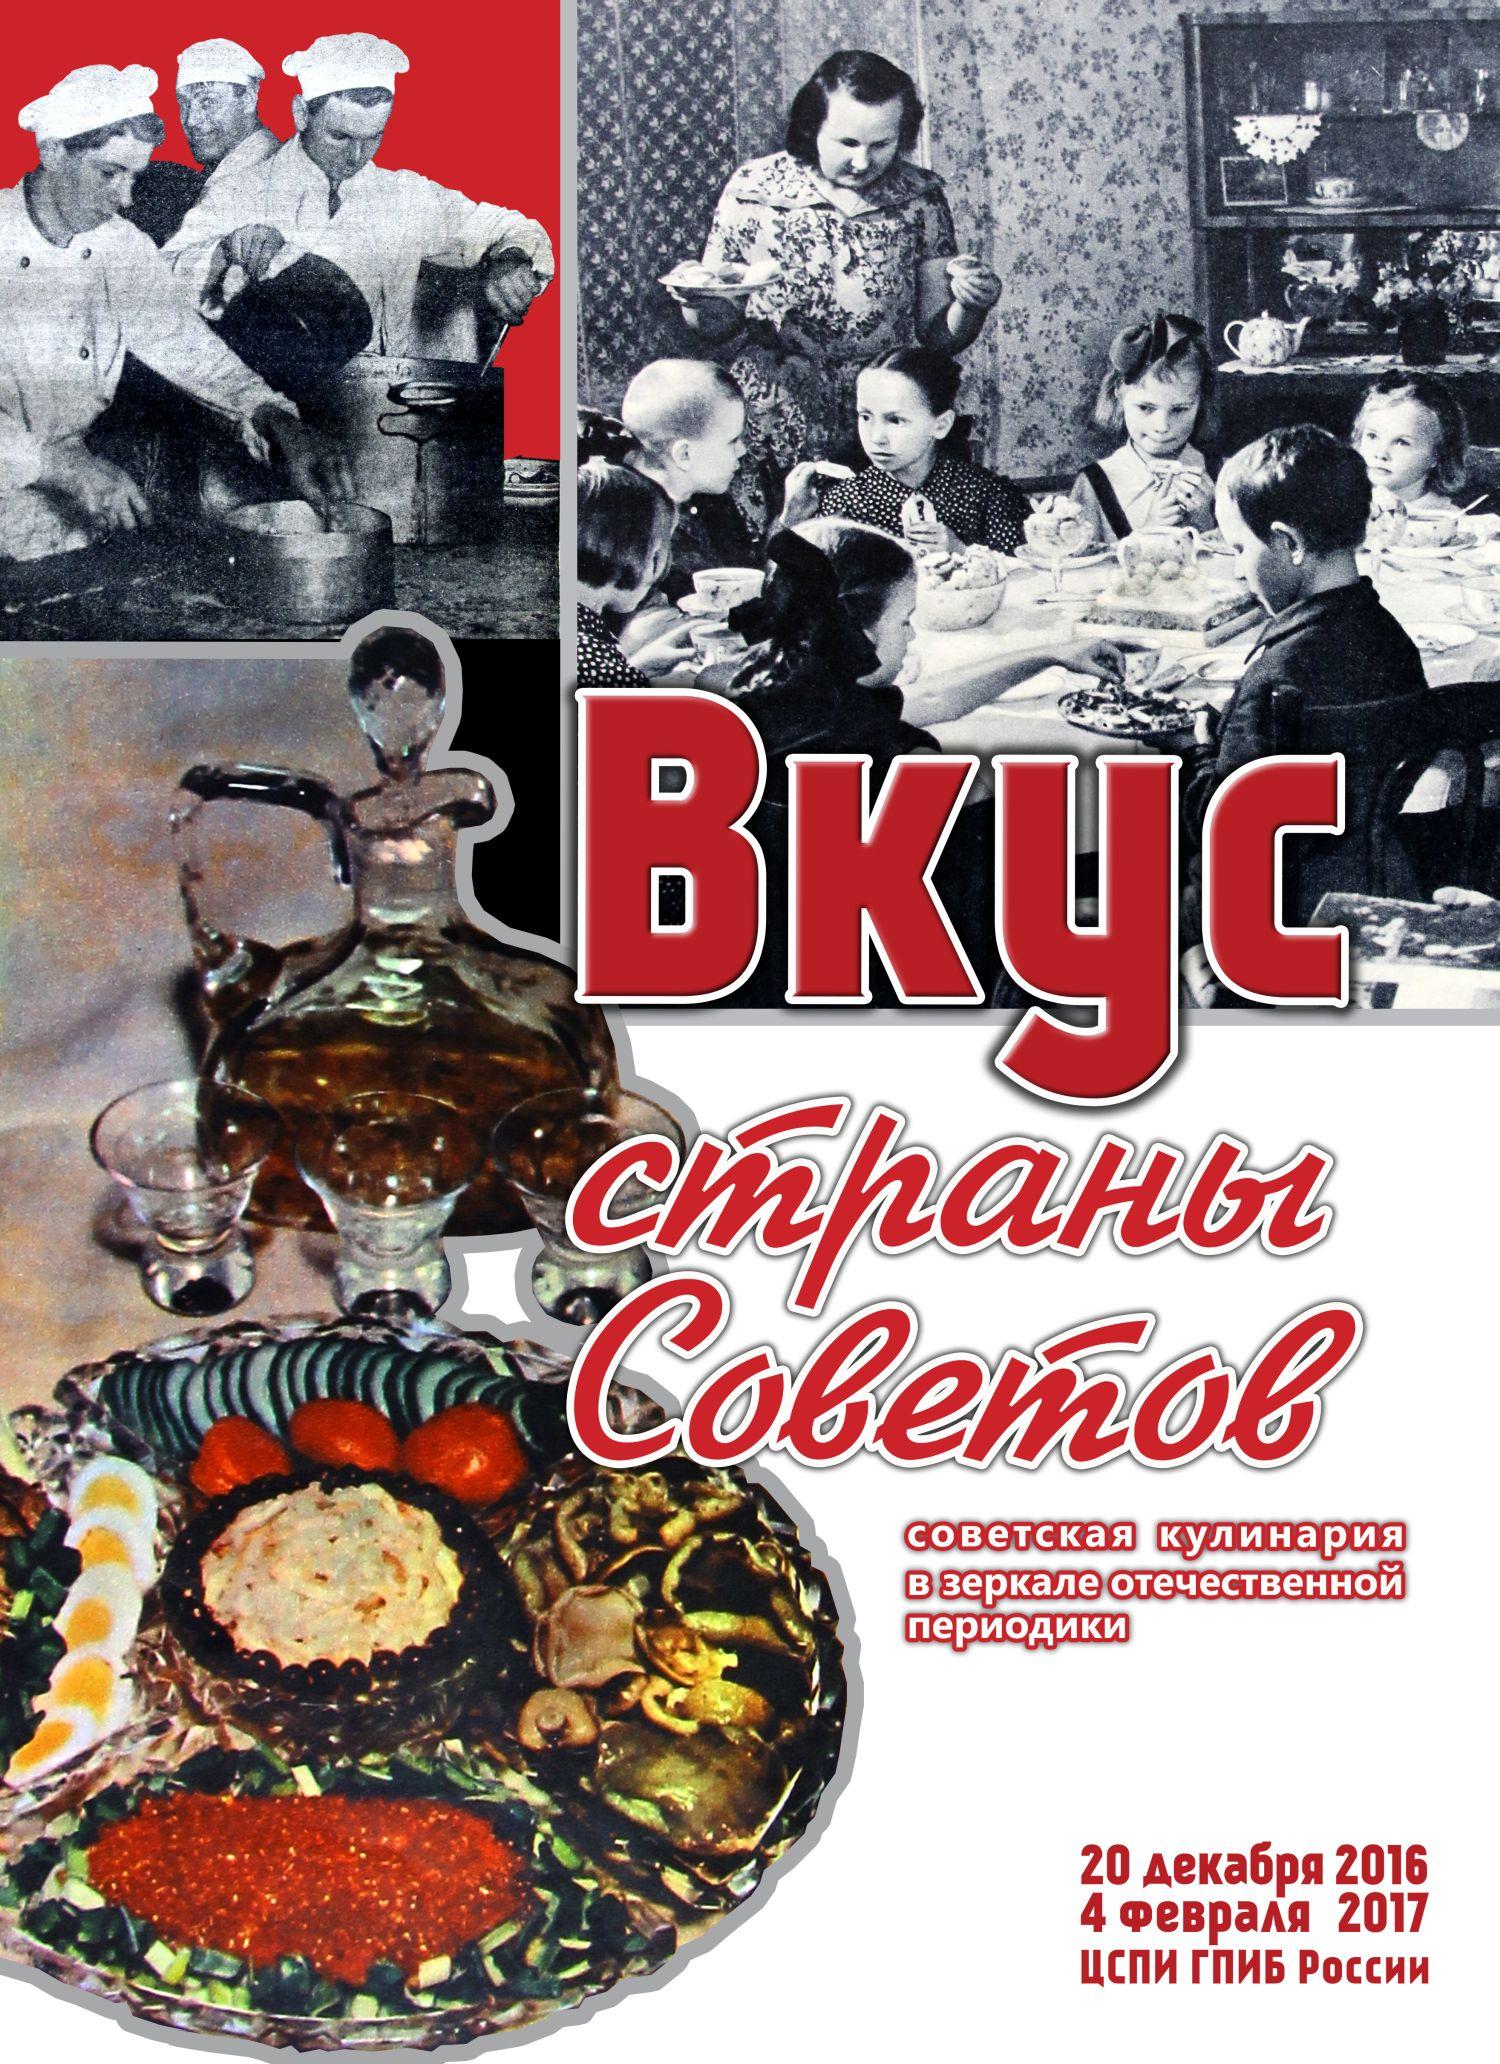 Выставка Вкус страны Советов